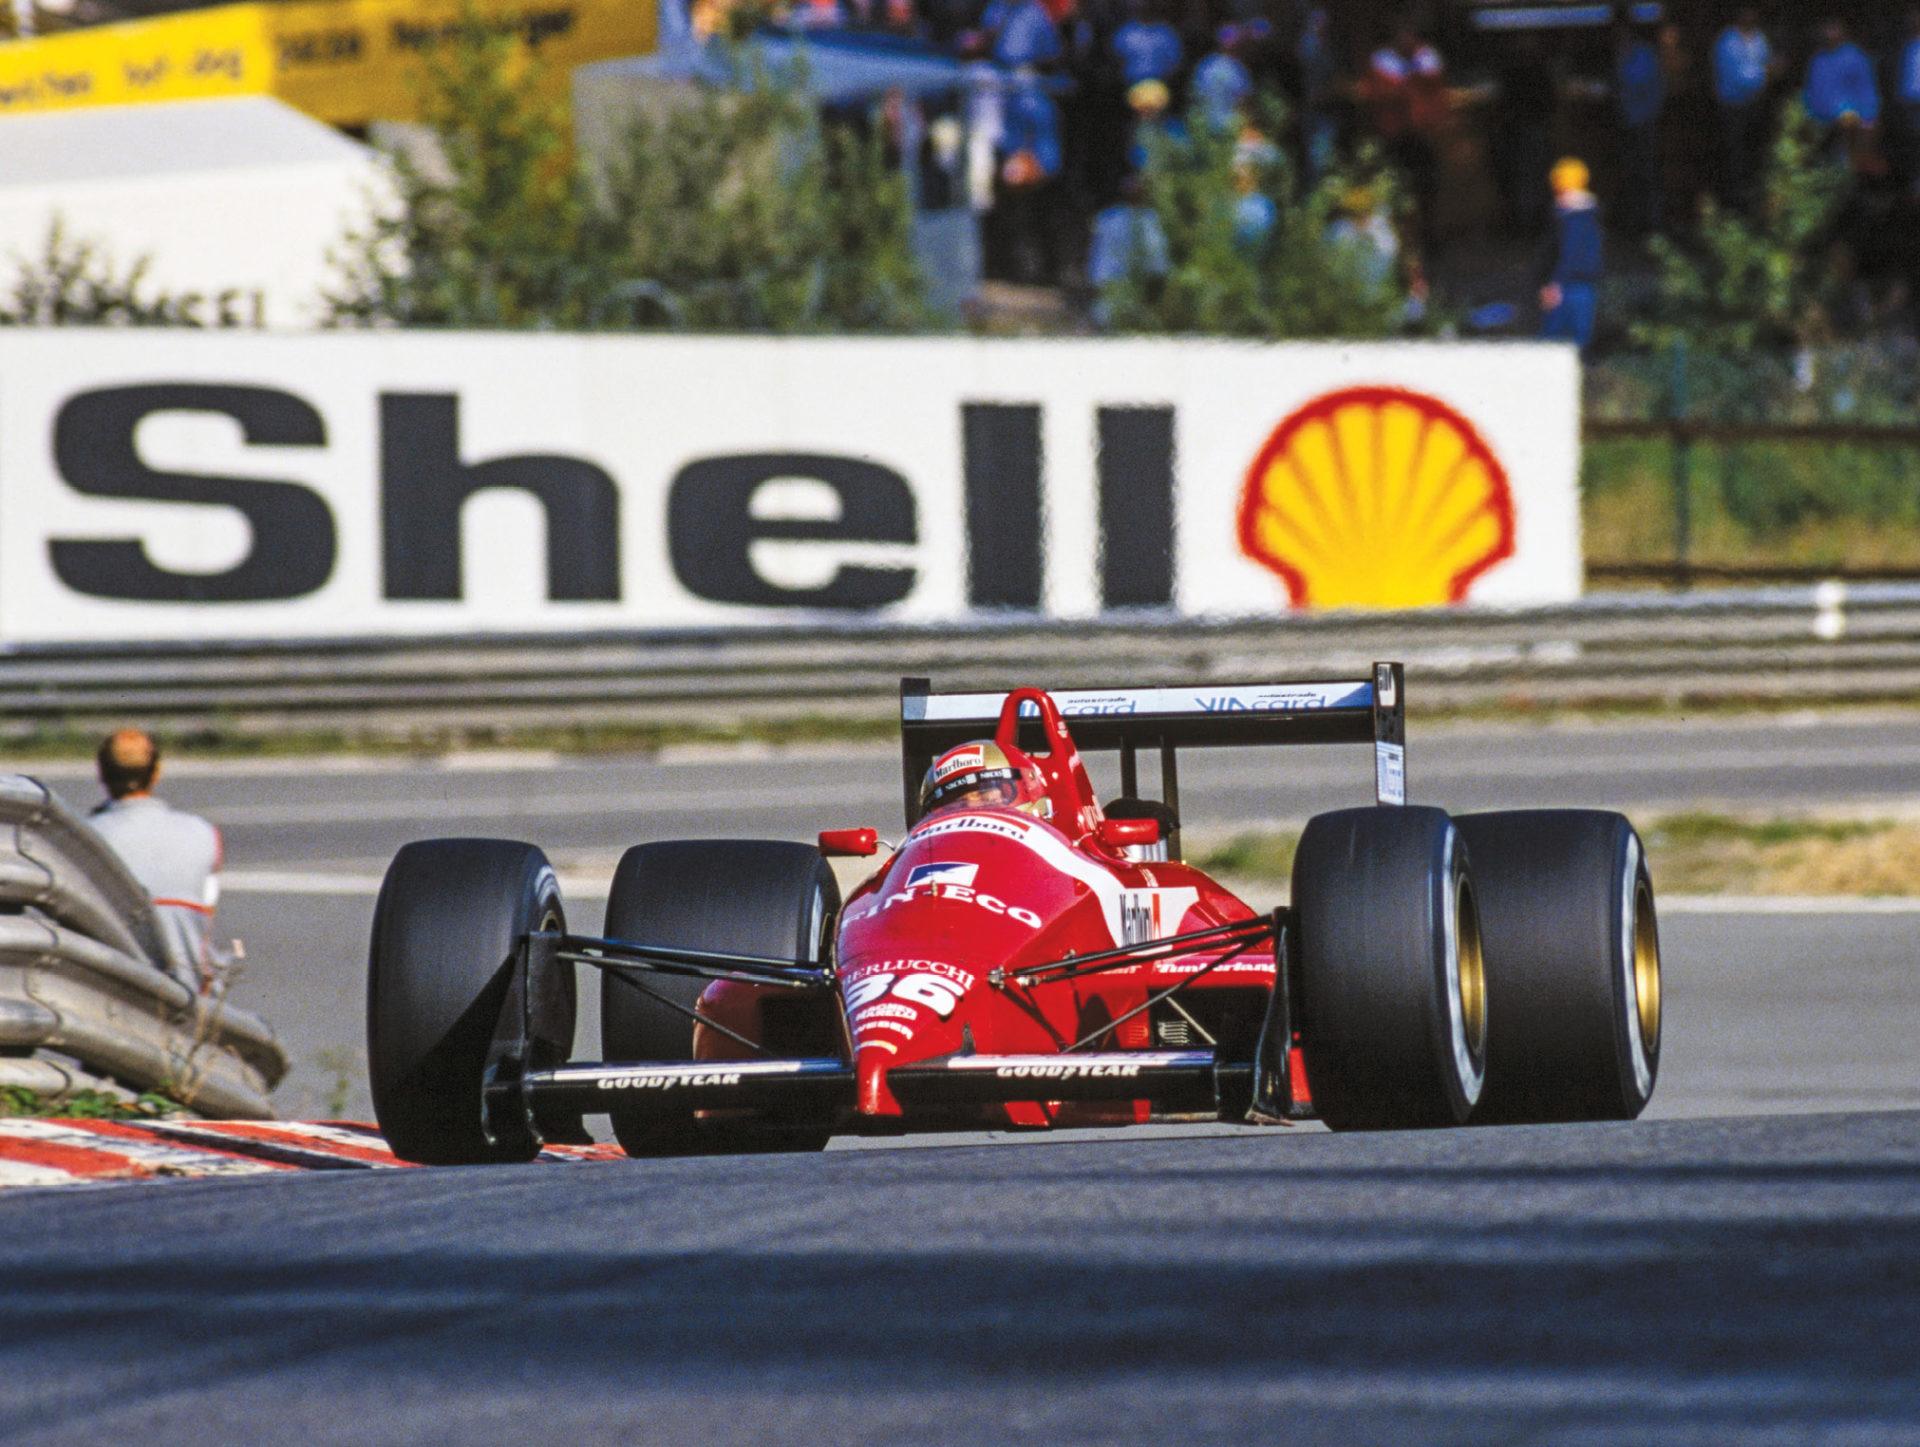 In action for Scuderia Italia in 1988